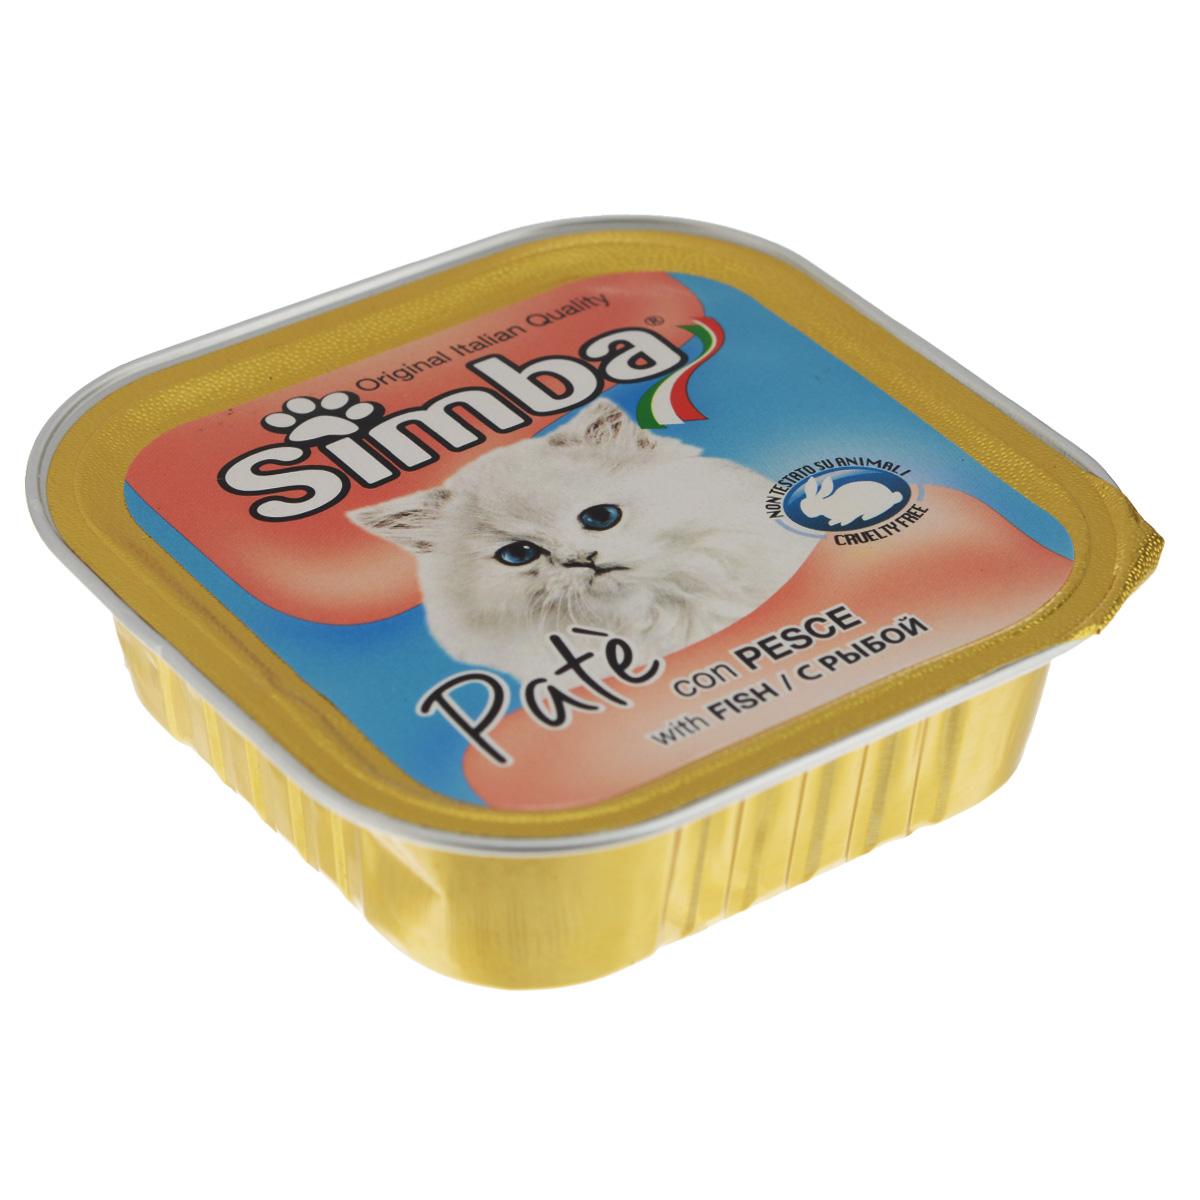 Консервы Monge Simba для взрослых кошек, паштет с рыбой, 100 г70009232Консервы Monge Simba - полнорационный корм для взрослых кошек. Без добавления консервантов и антиоксидантов. Экологически чистое производство гарантирует высочайшее качество и длительные сроки хранения консервов. Тщательный отбор сырья и содержащийся в нем полный набор витаминов и микроэлементов обеспечивает отличную усвояемость и отсутствие проблем с пищеварением у ваших любимых питомцев. Состав: мясо и мясные субпродукты, рыба и рыбные субпродукты (рыба 5%), каррагенин, минеральные вещества, натуральные красители и вкусовые добавки. Пищевая ценность: протеин 8,0%, жир 7,5%, зола 2,1%, клетчатка 0,4%, влажность 82%. Добавки на кг: витамин А: 1 200; витамин D3: 160; витамин Е: 5 мг/кг. Товар сертифицирован.